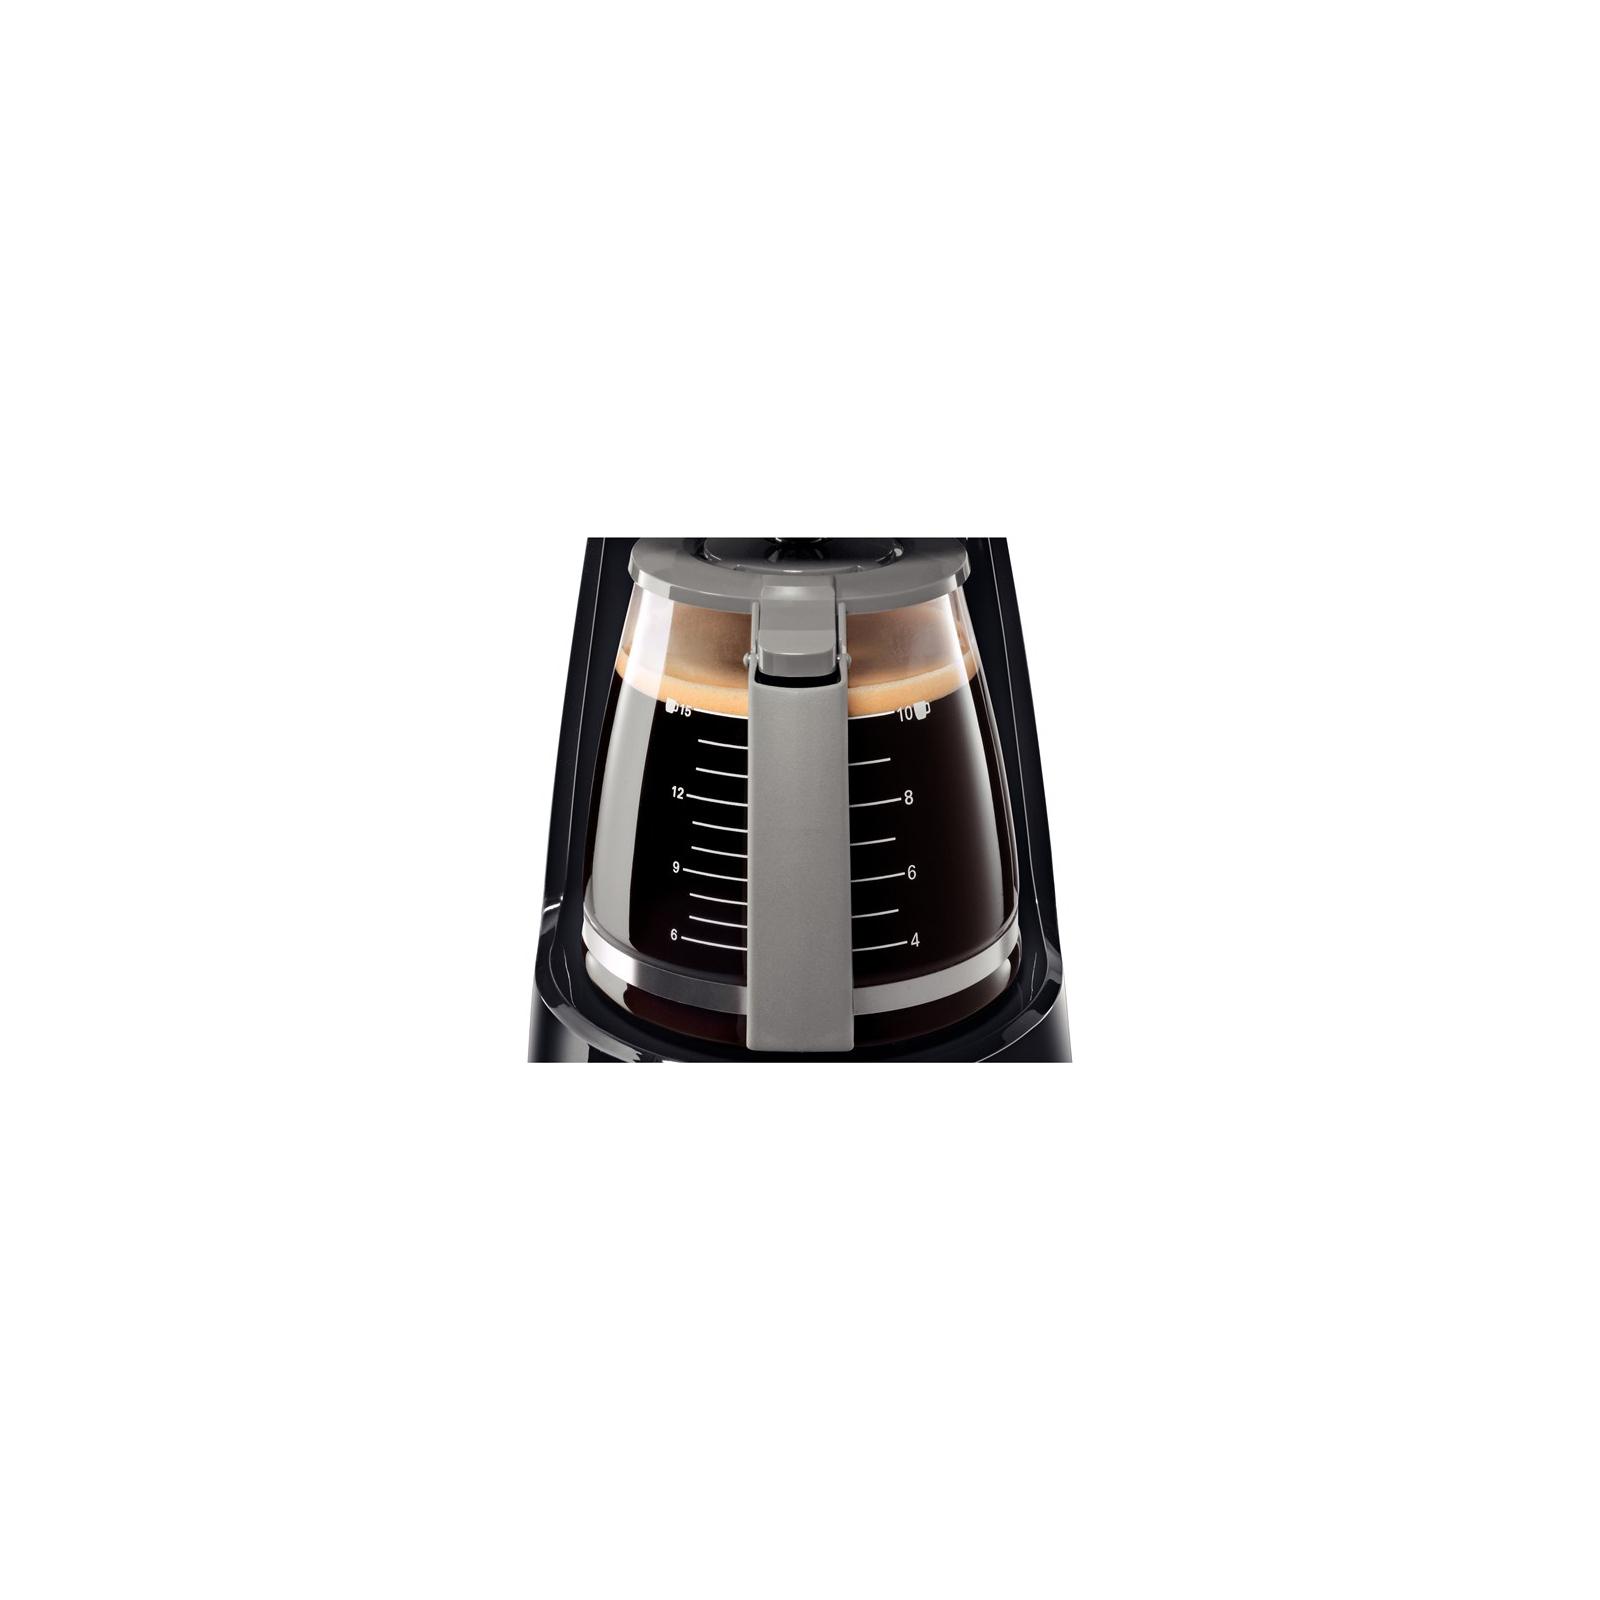 Кофеварка BOSCH TKA 3A013 (TKA3A013) изображение 5